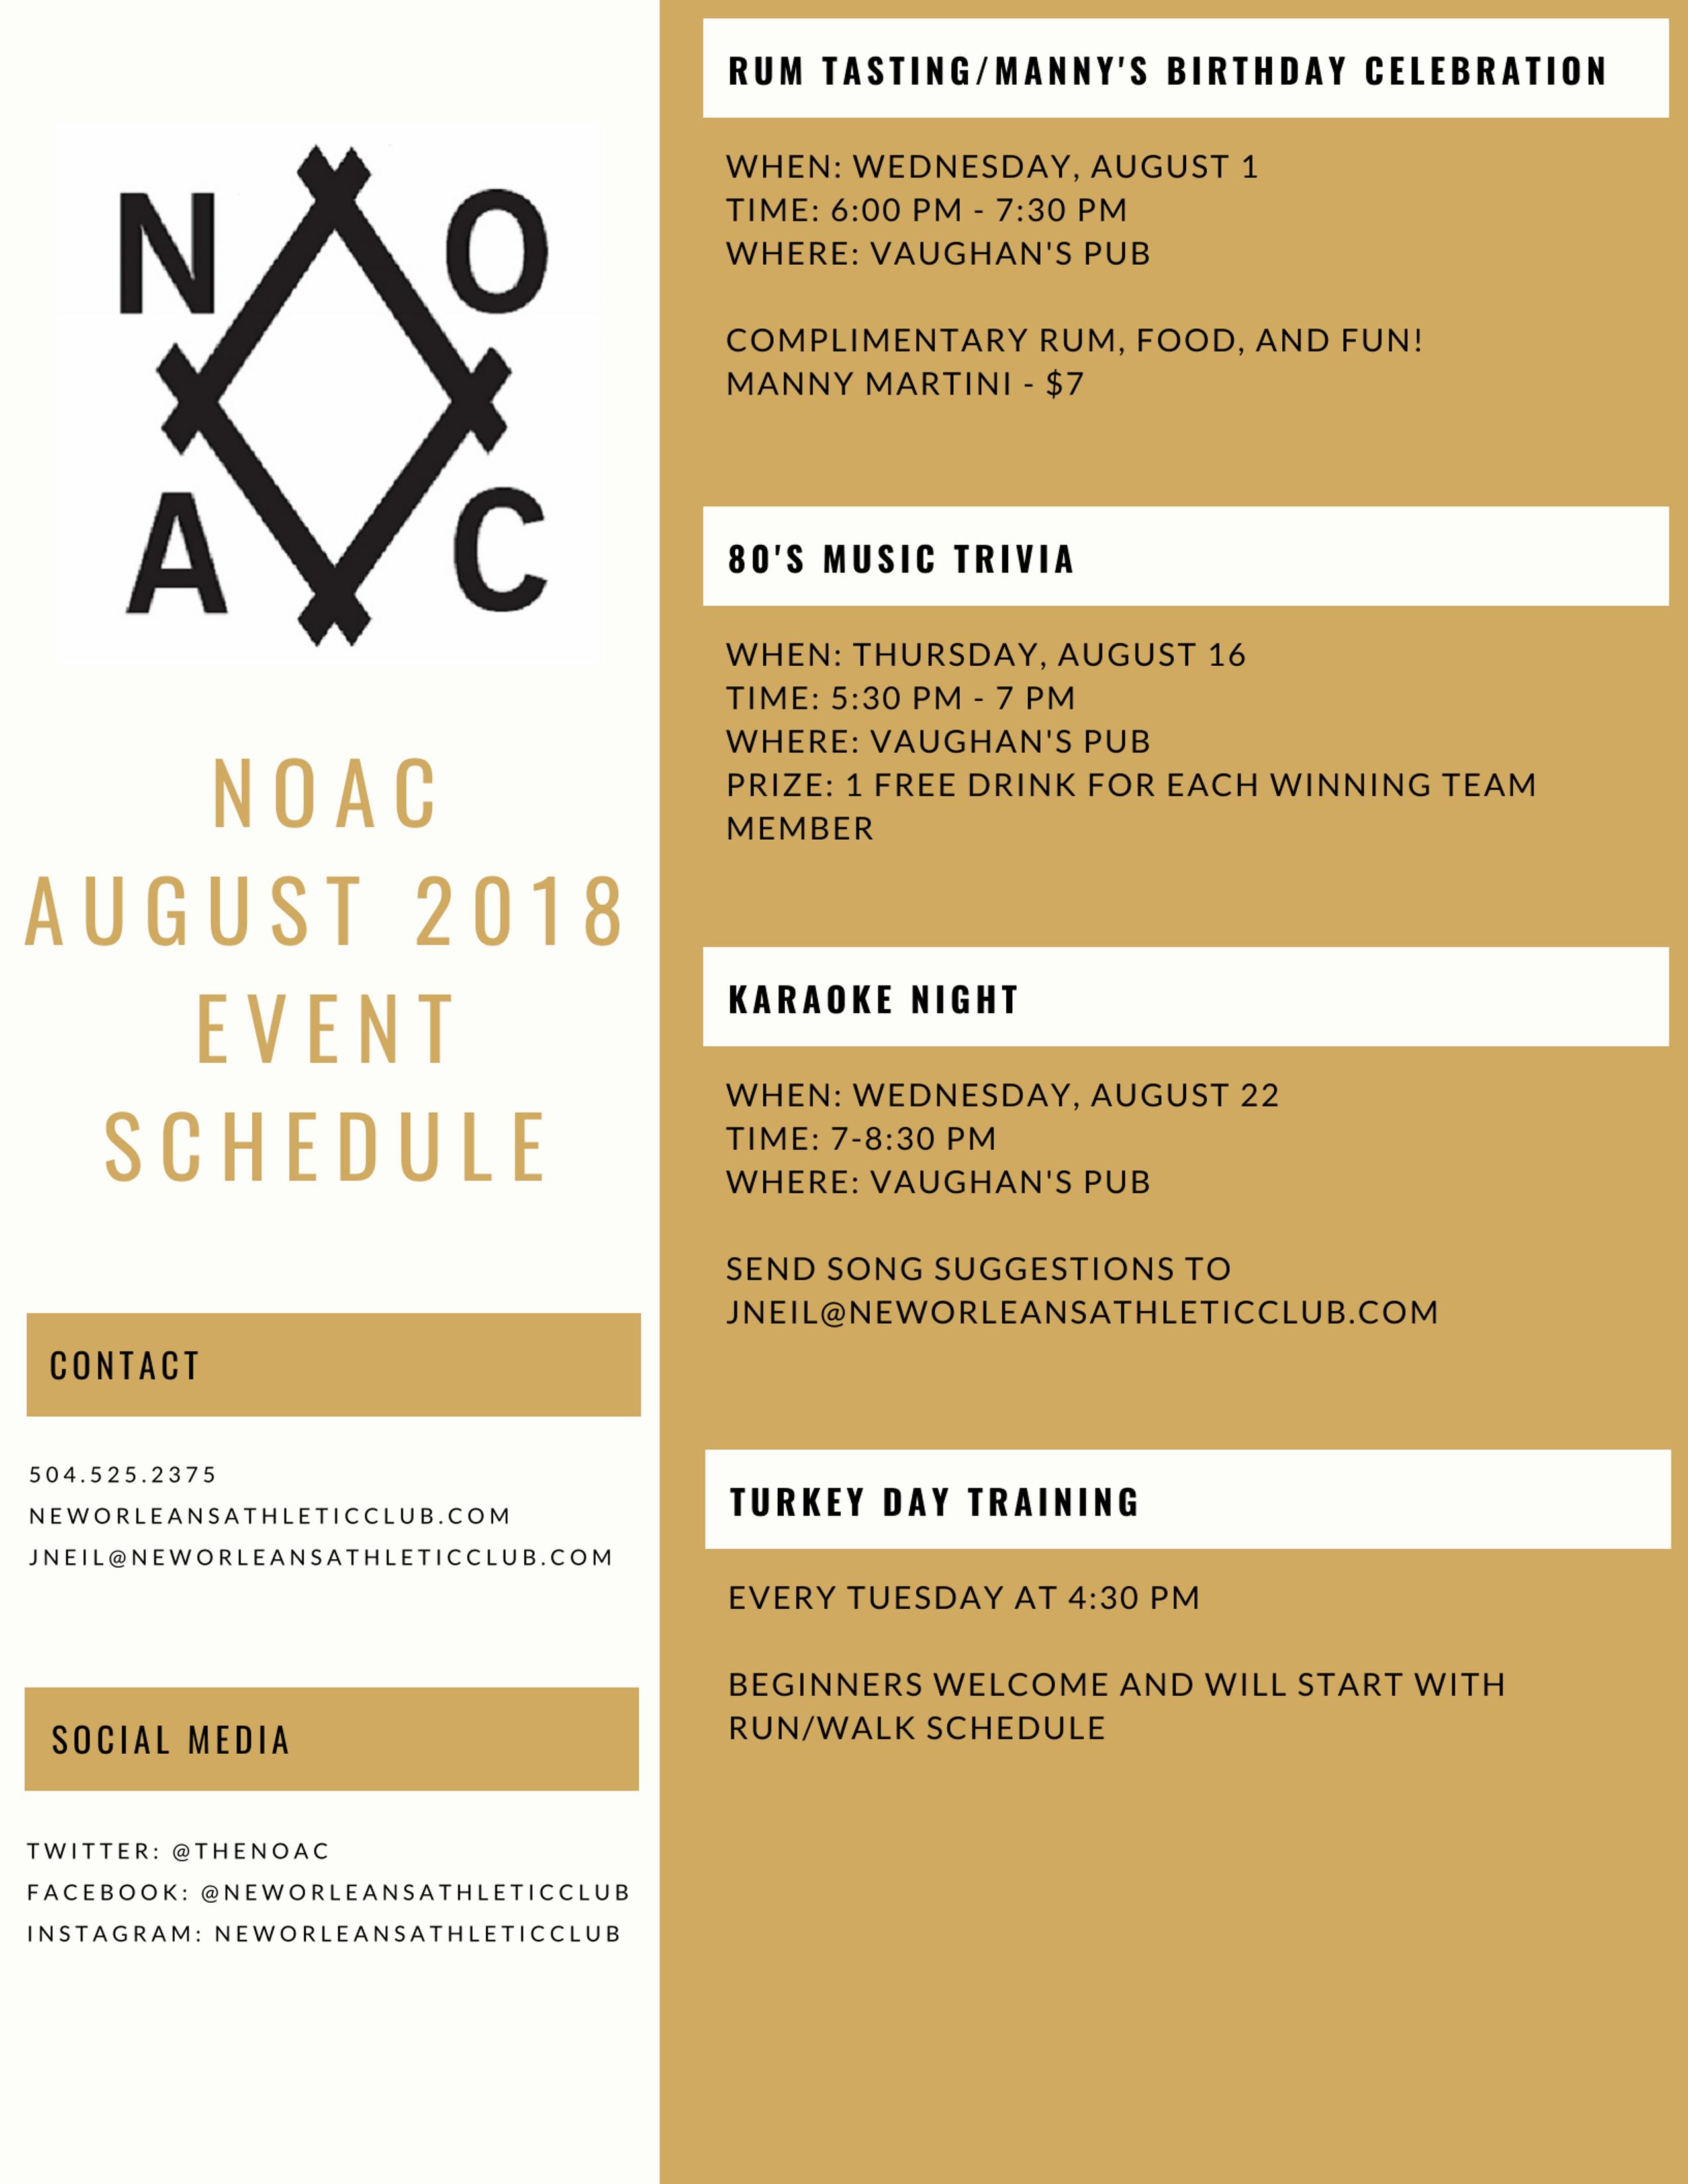 NOAC_EventCalendar_ForWebsite_Aug2018